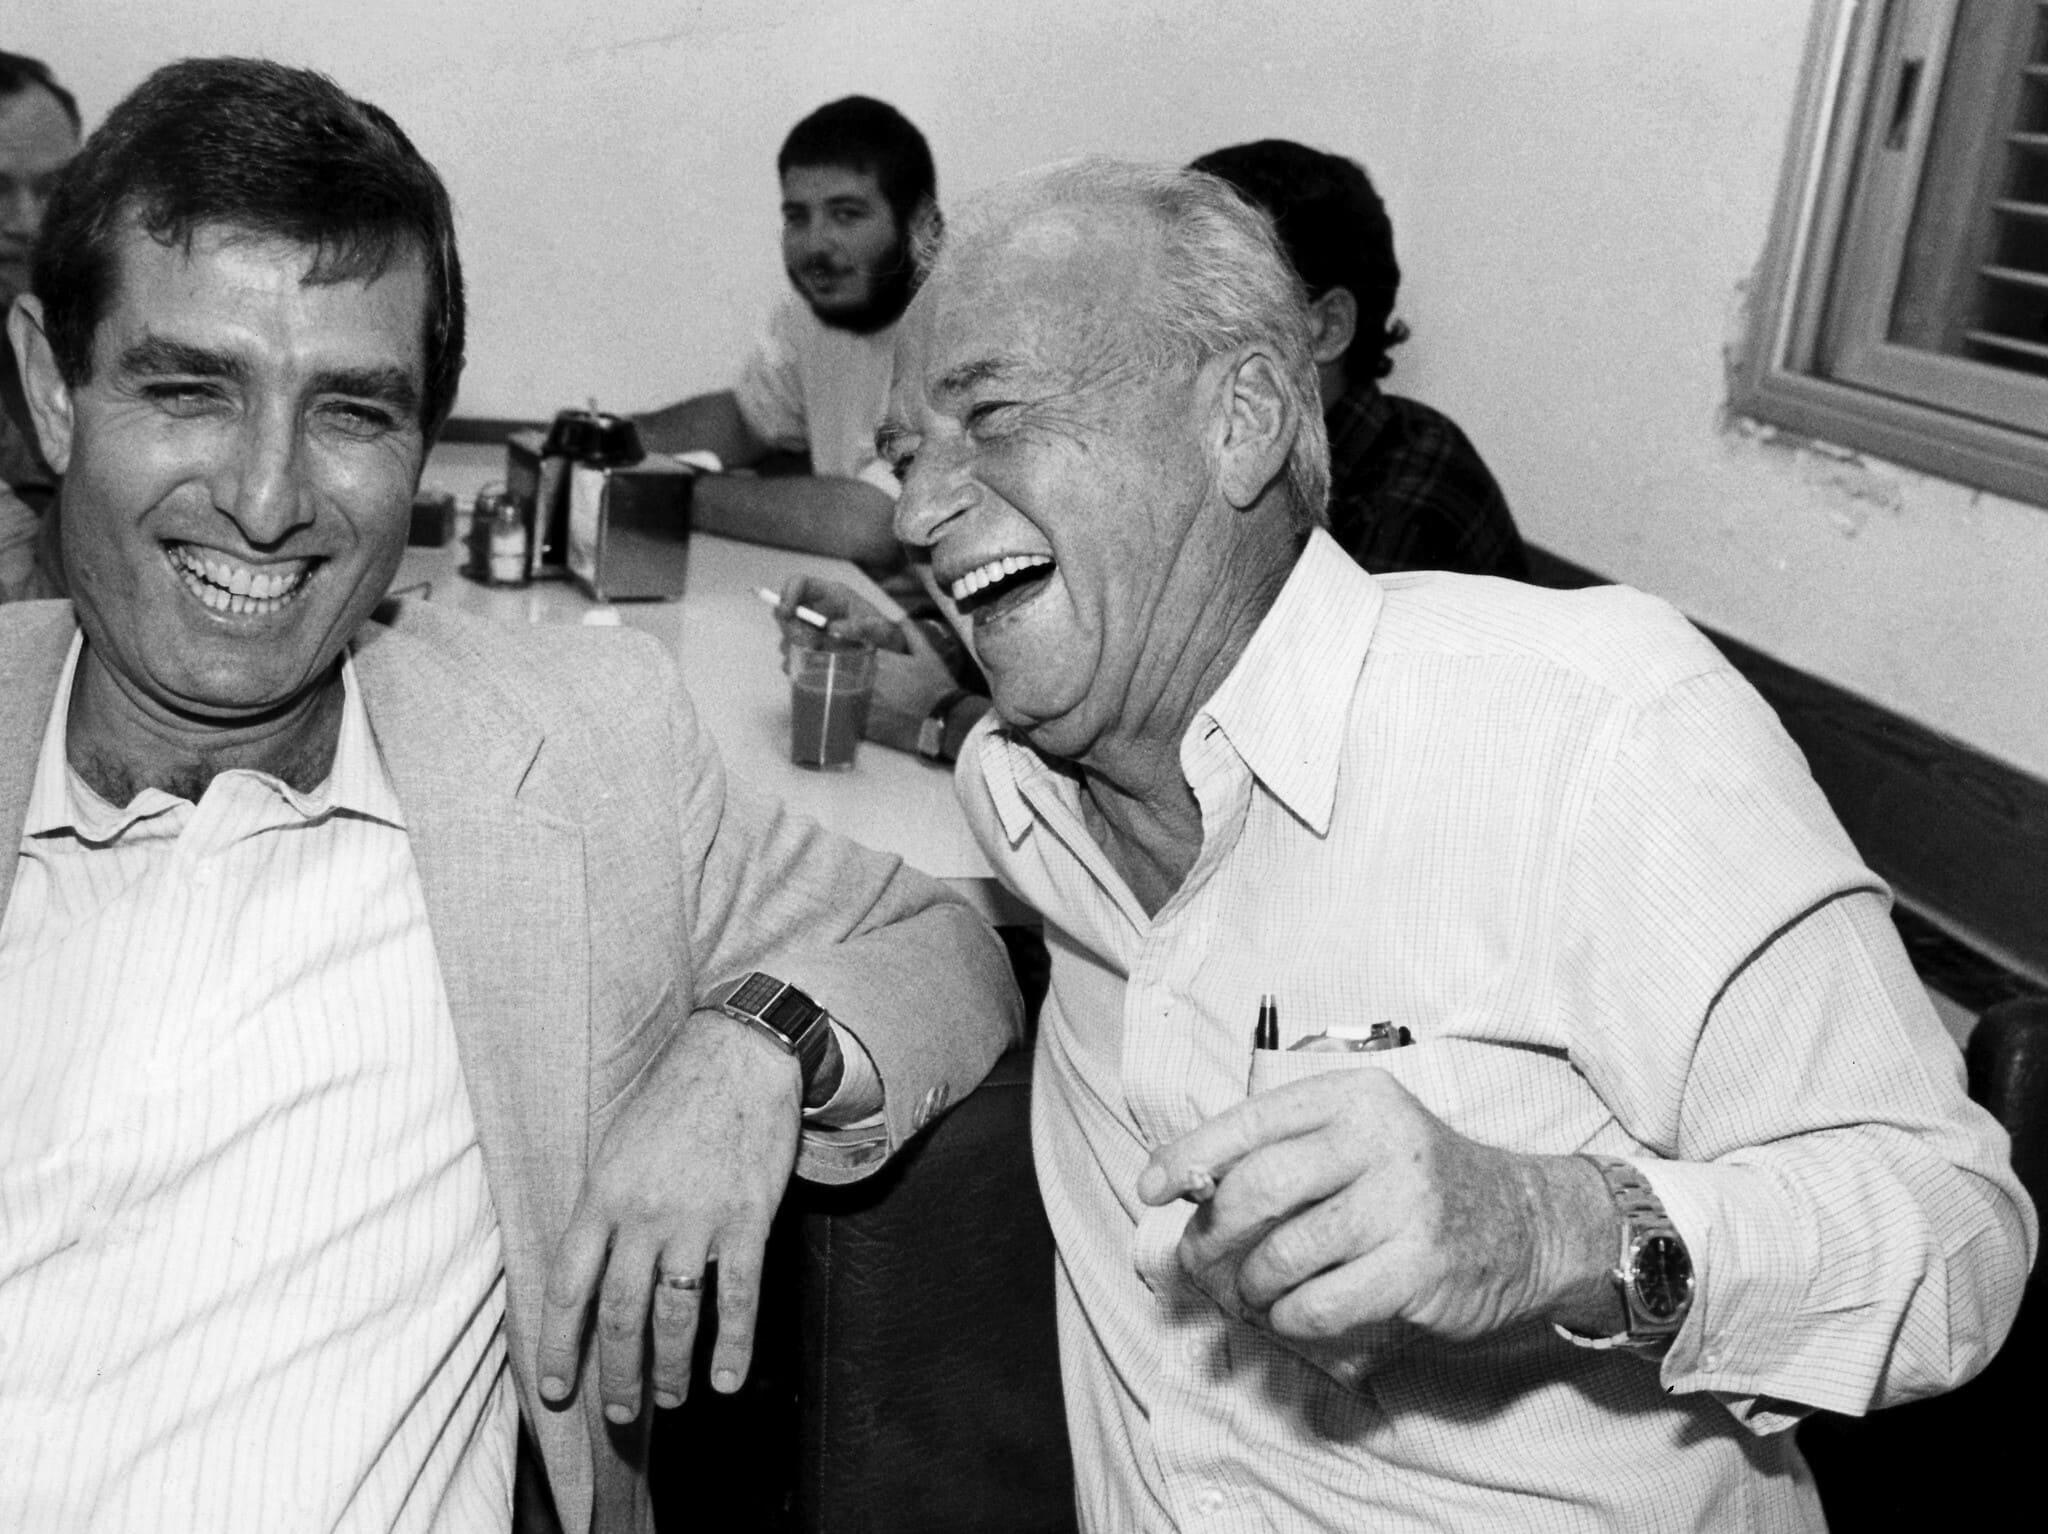 """יצחק רבין וח""""כ מיכה גולדמן בפגישה של מפלגת העבודה, ב-16 בספטמבר 1989 (צילום: משה שי/פלאש90)"""